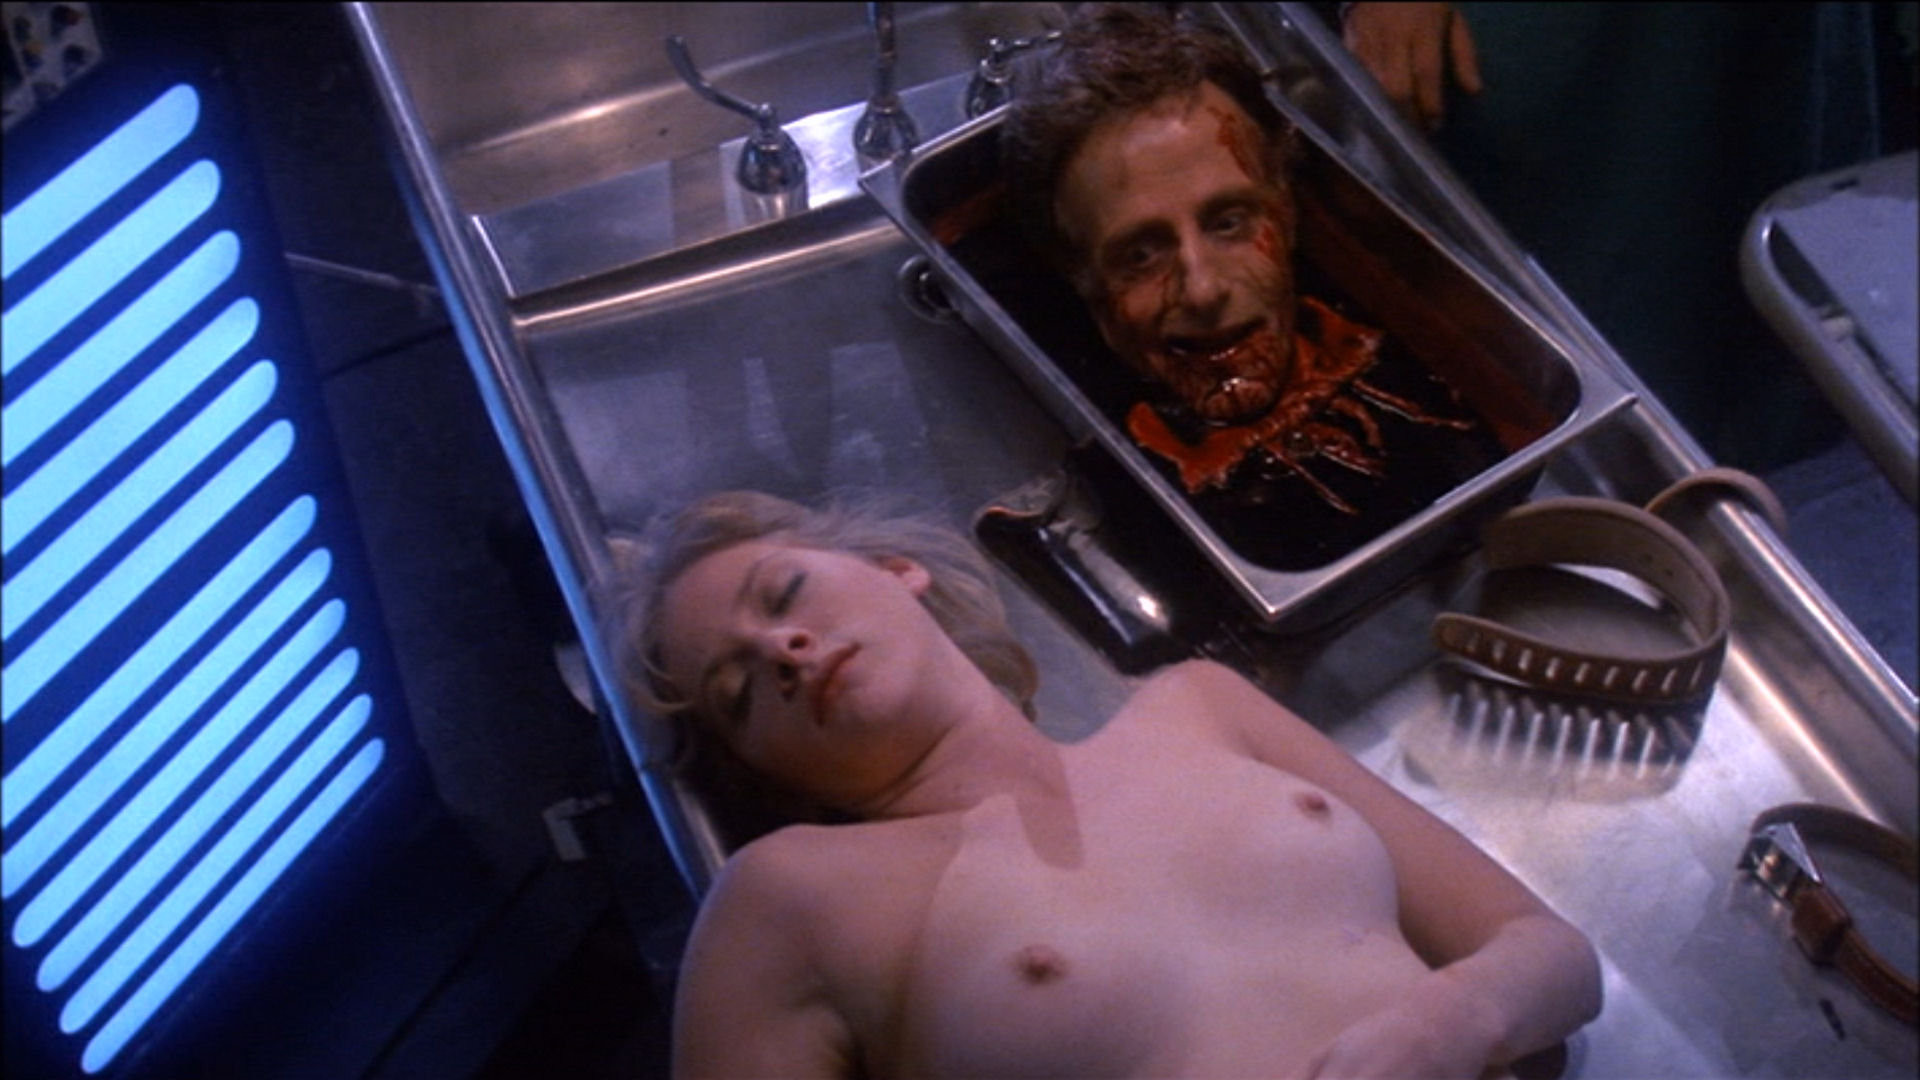 【閲覧注意】「これならイケる!」割かしキレイな女の遺体画像貼ってく。(画像27枚)・6枚目